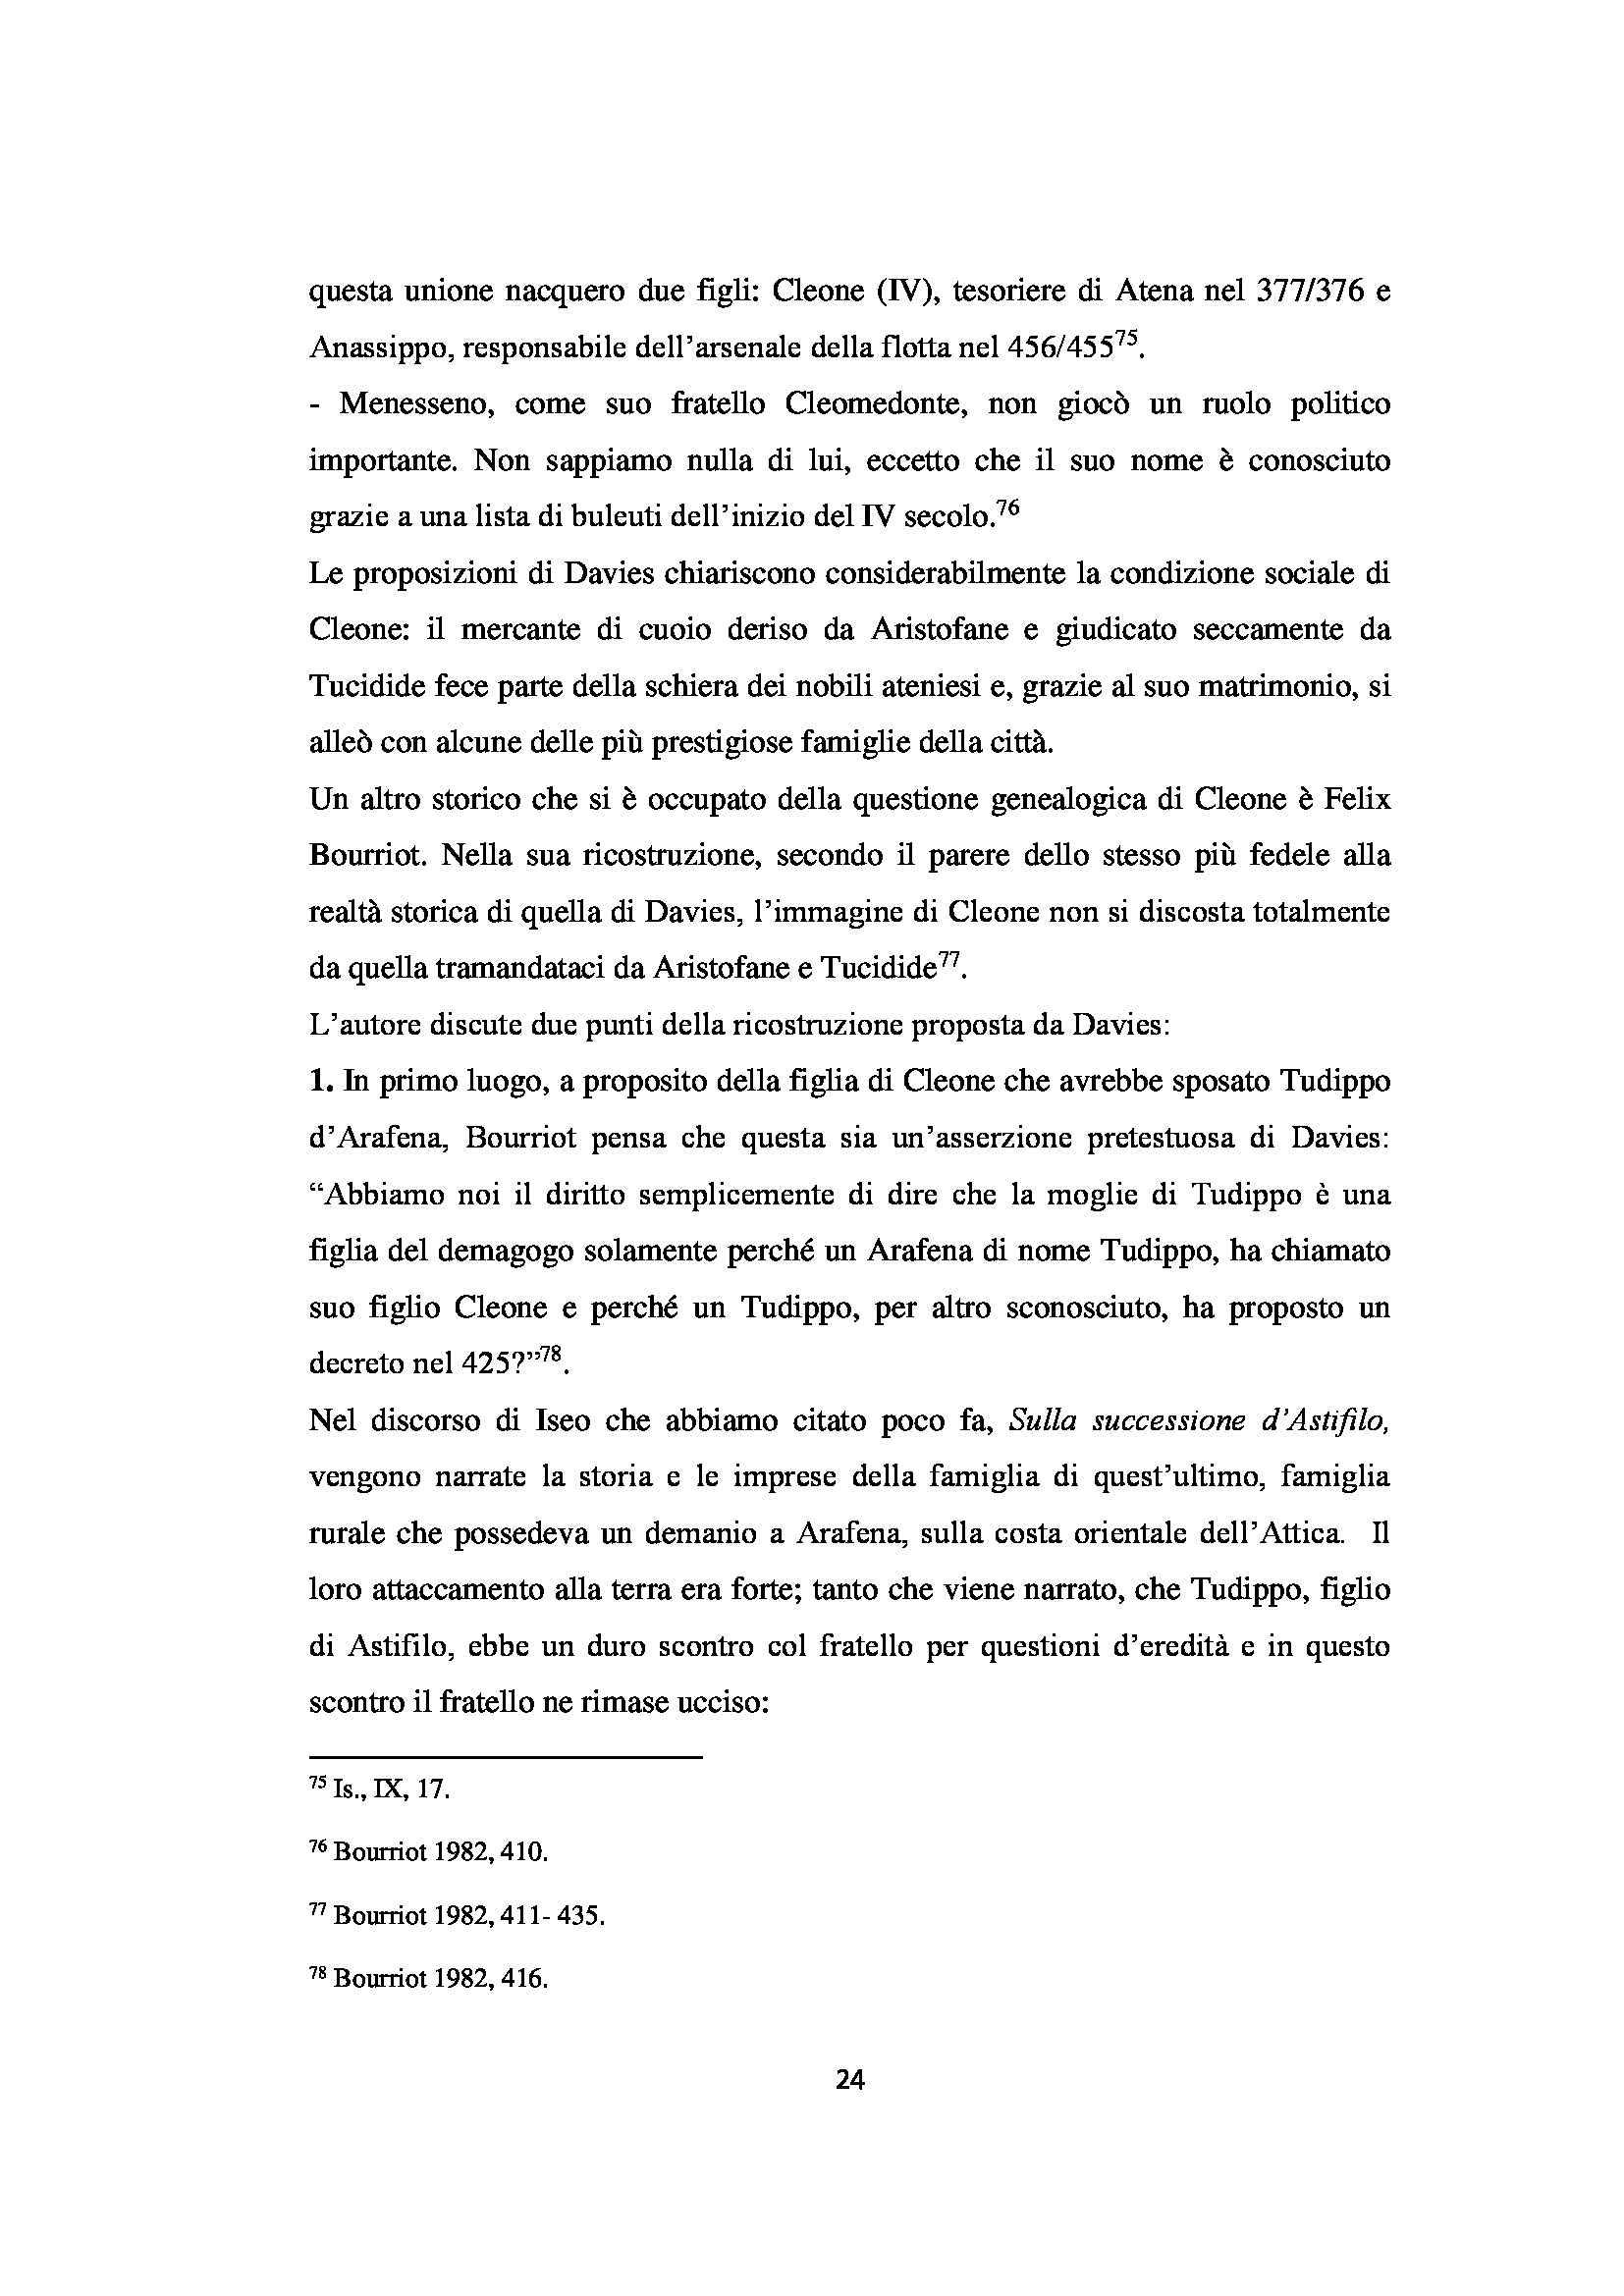 Cleone, generale e politico controverso - Tesi Pag. 26